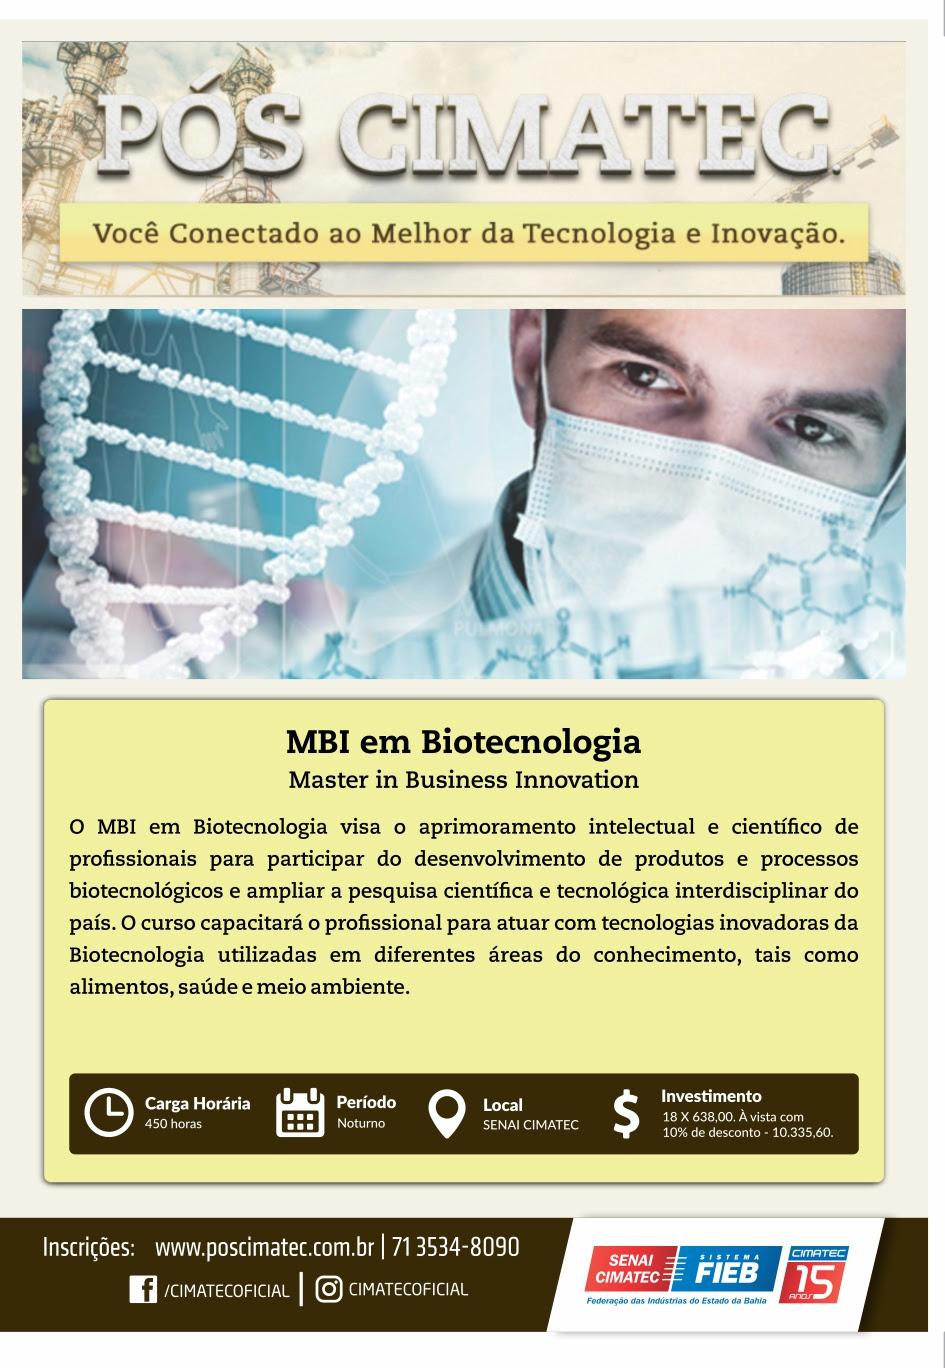 MBI em Biotecnologia